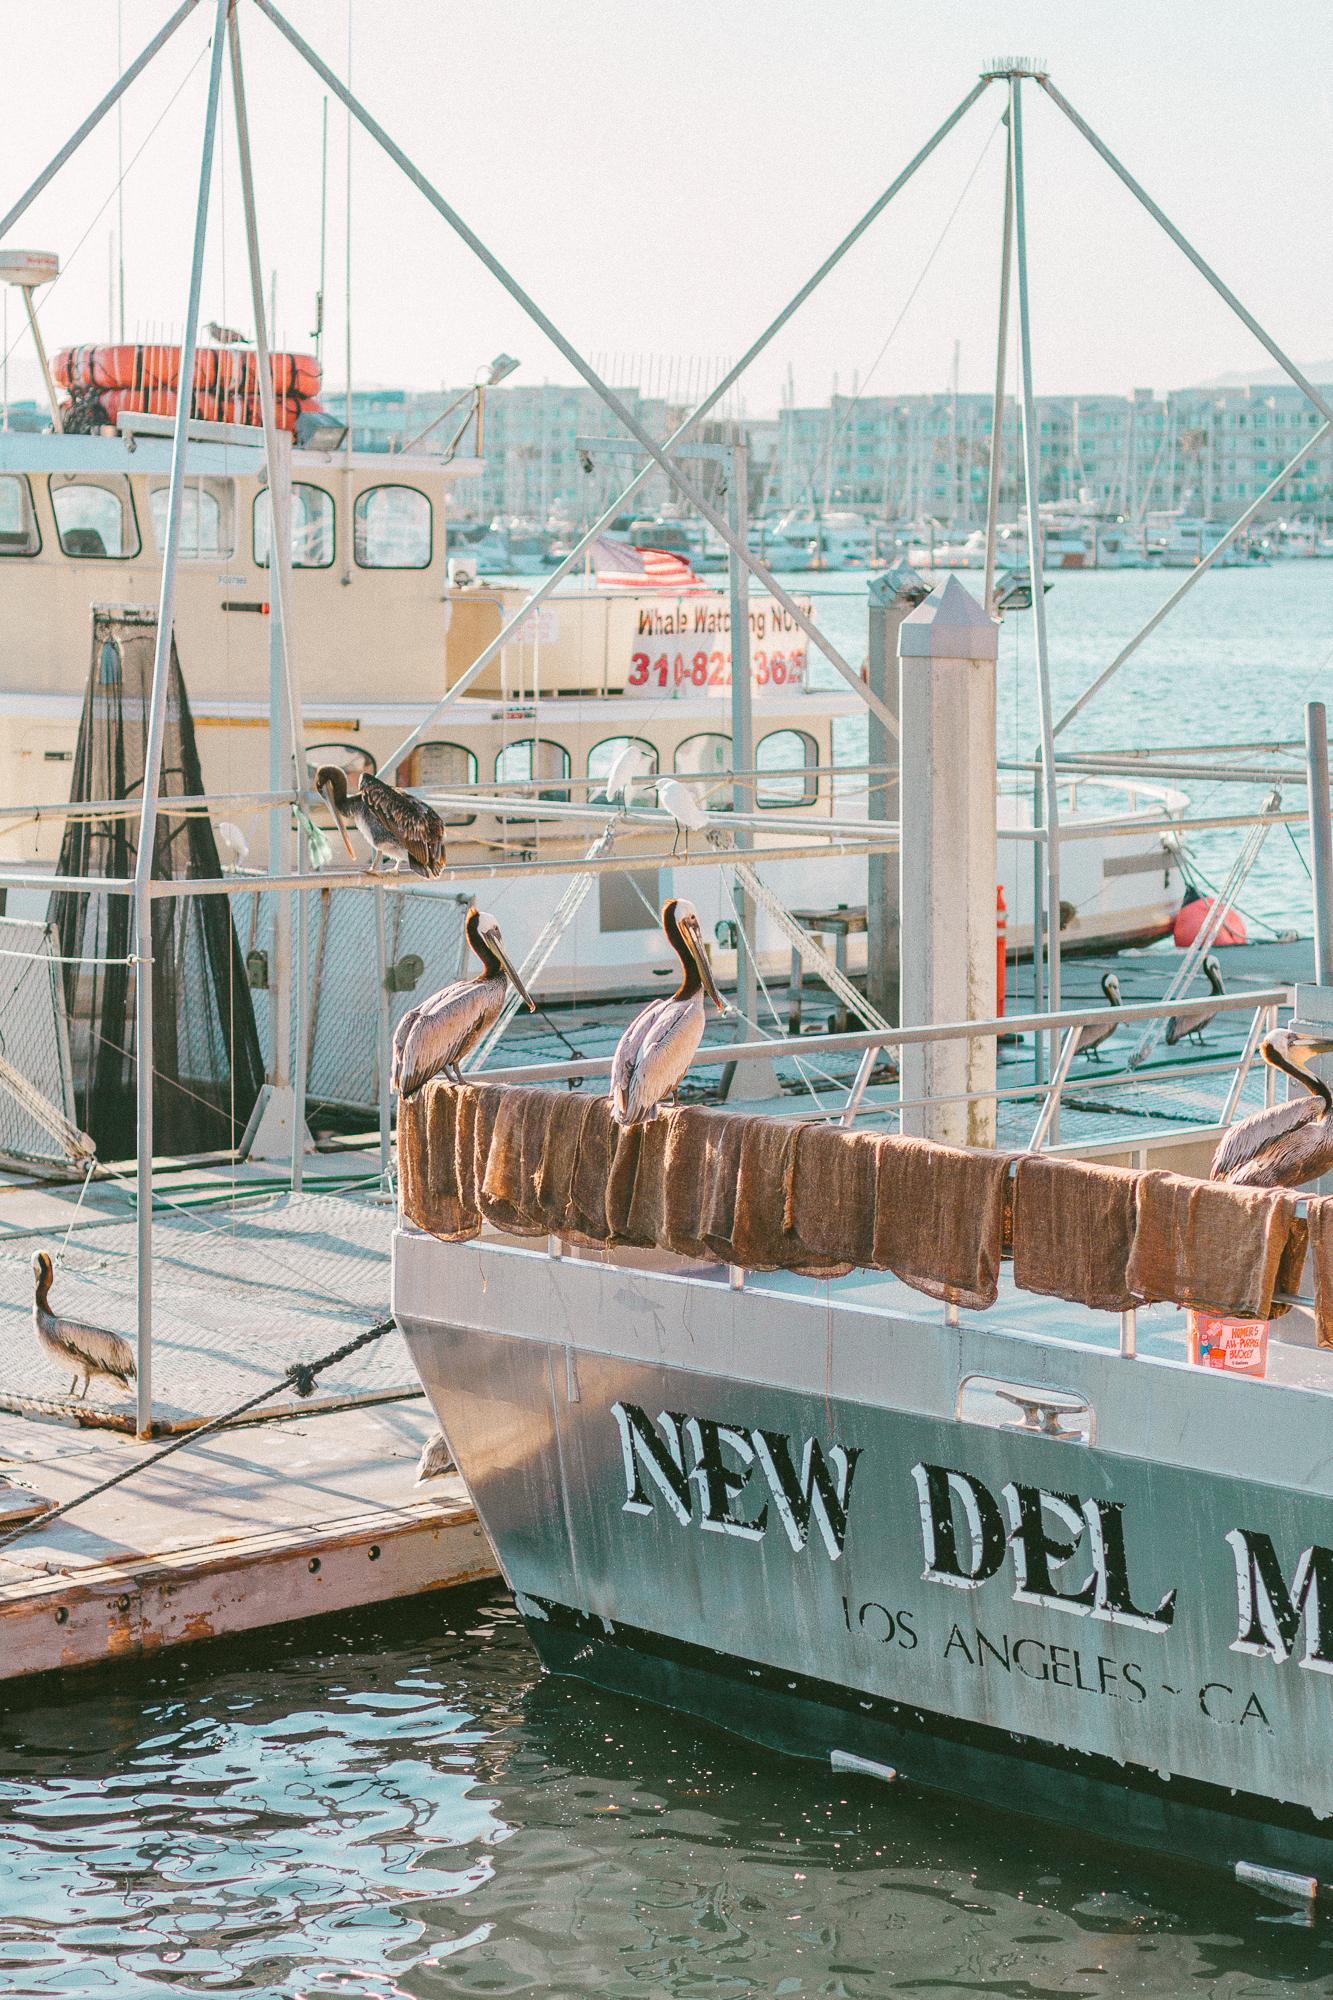 marina del rey pelicans